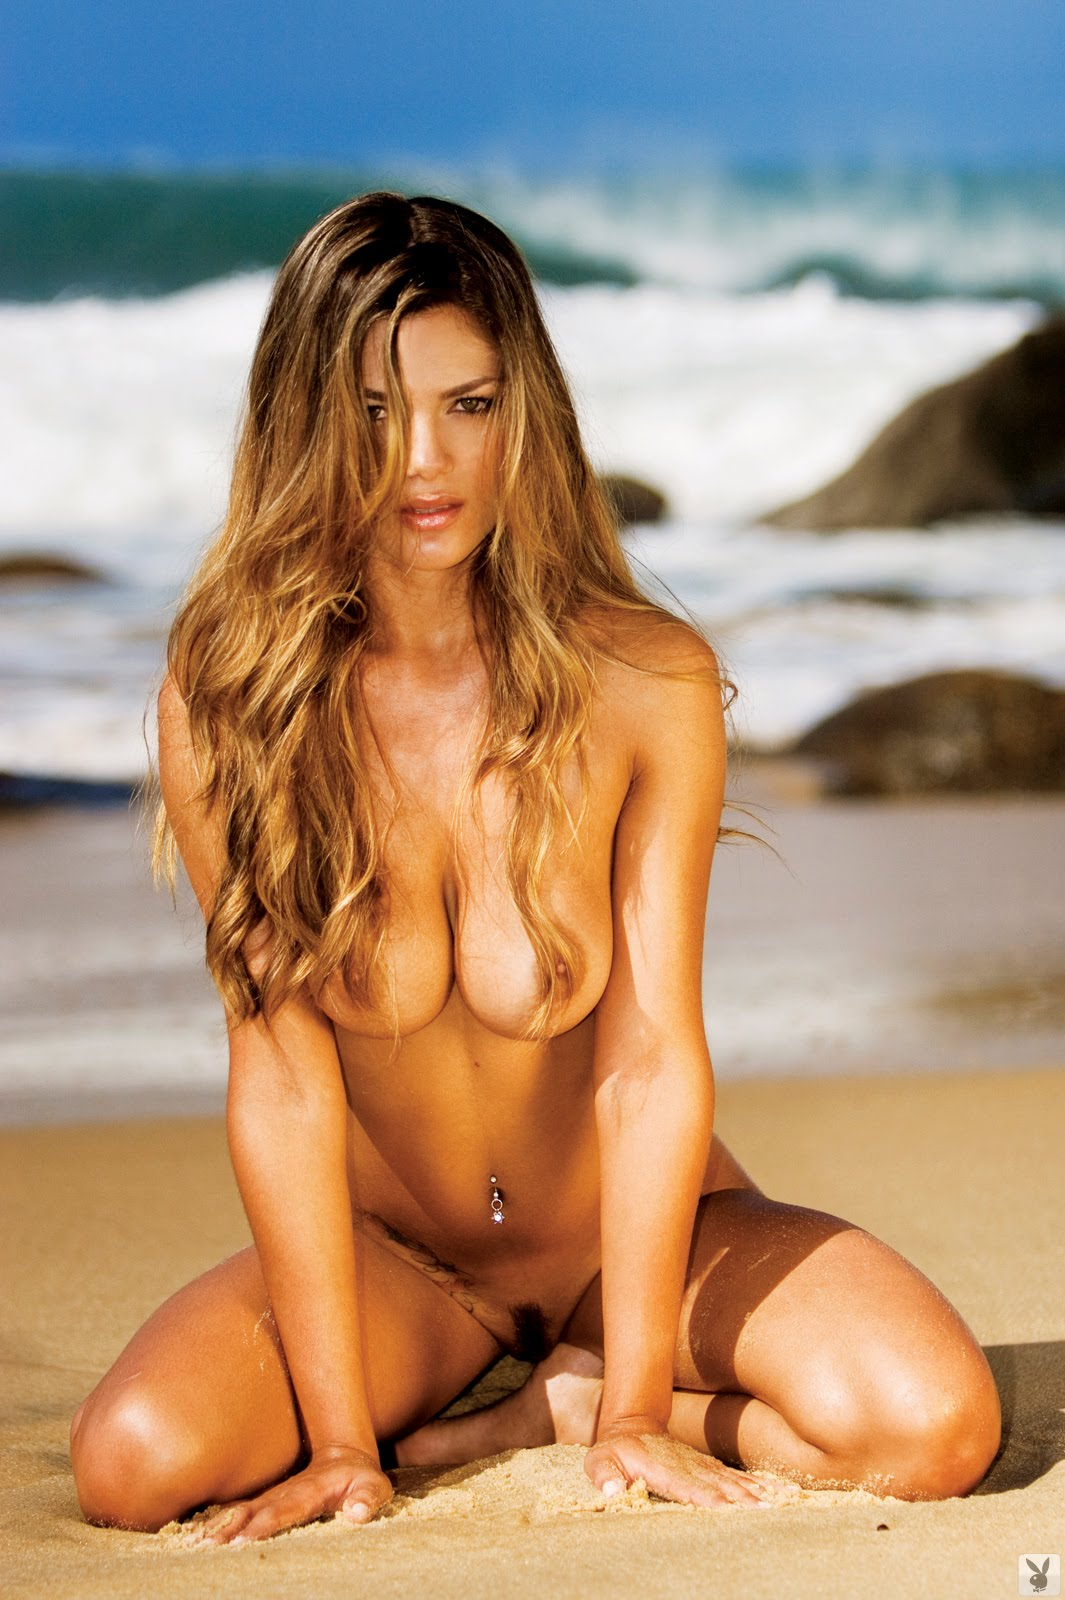 Karina flores nude